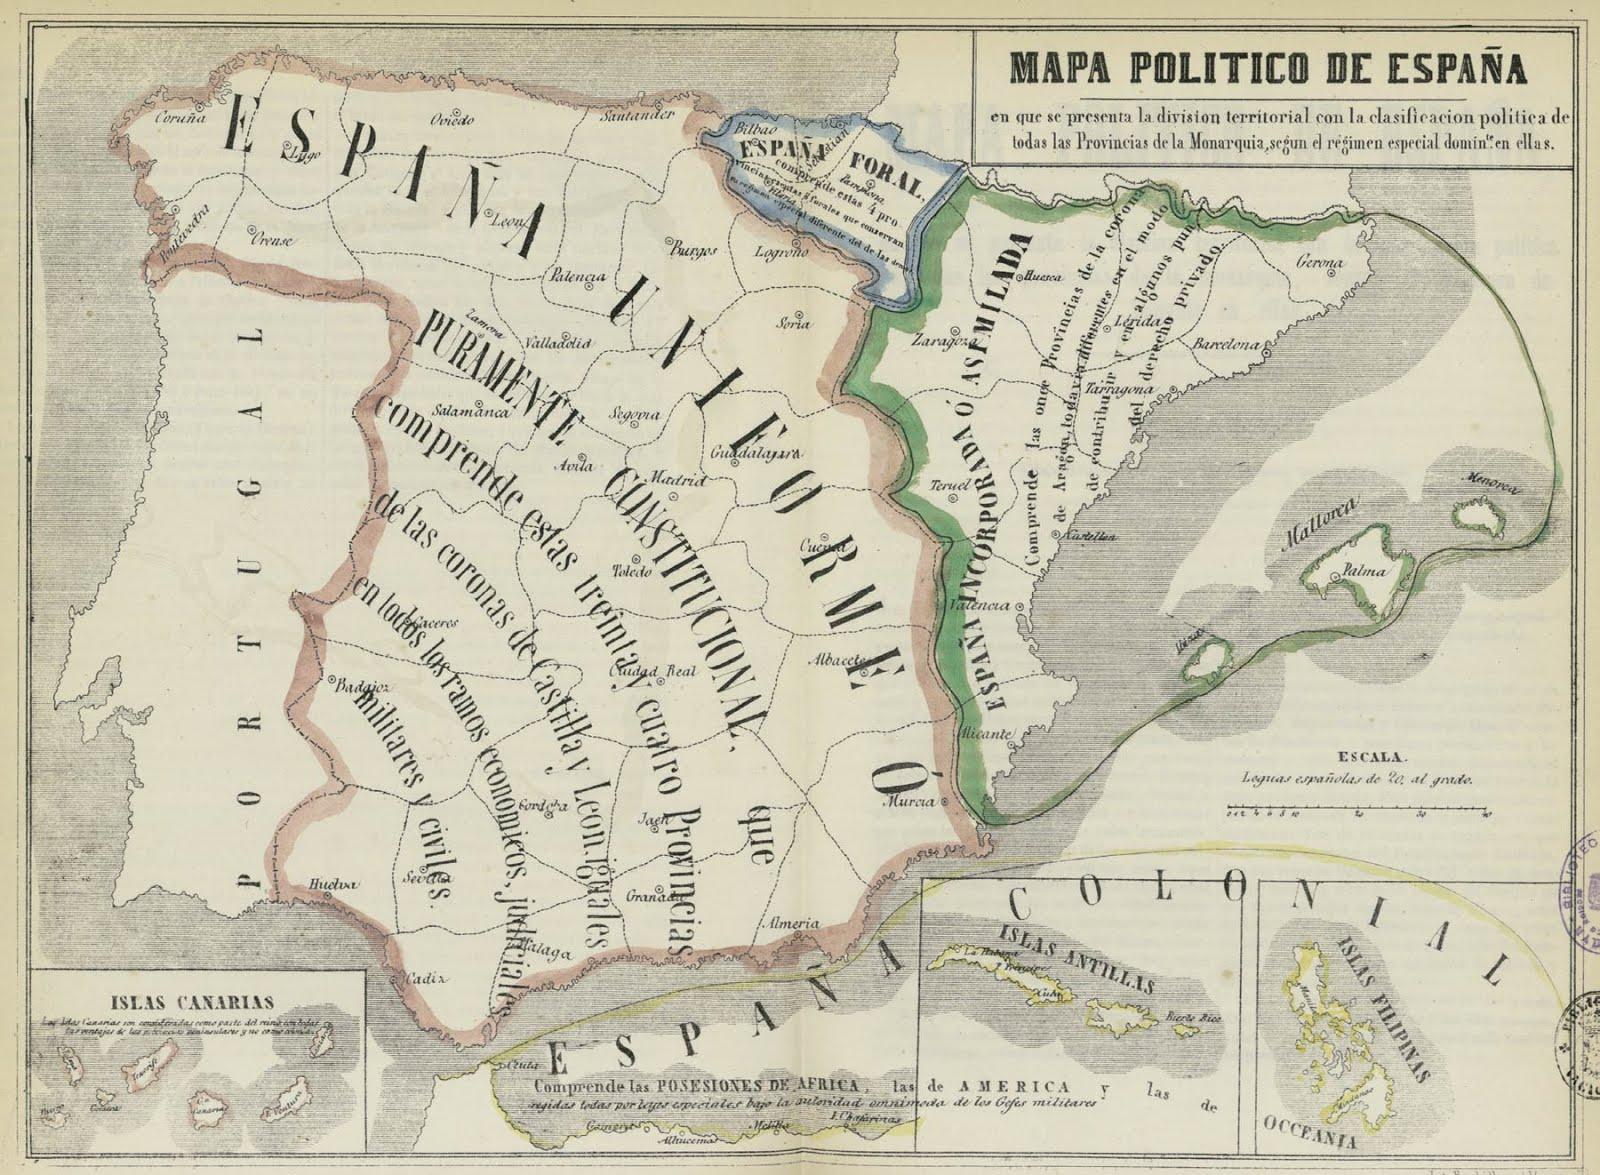 Fa 166 anys, 1852...